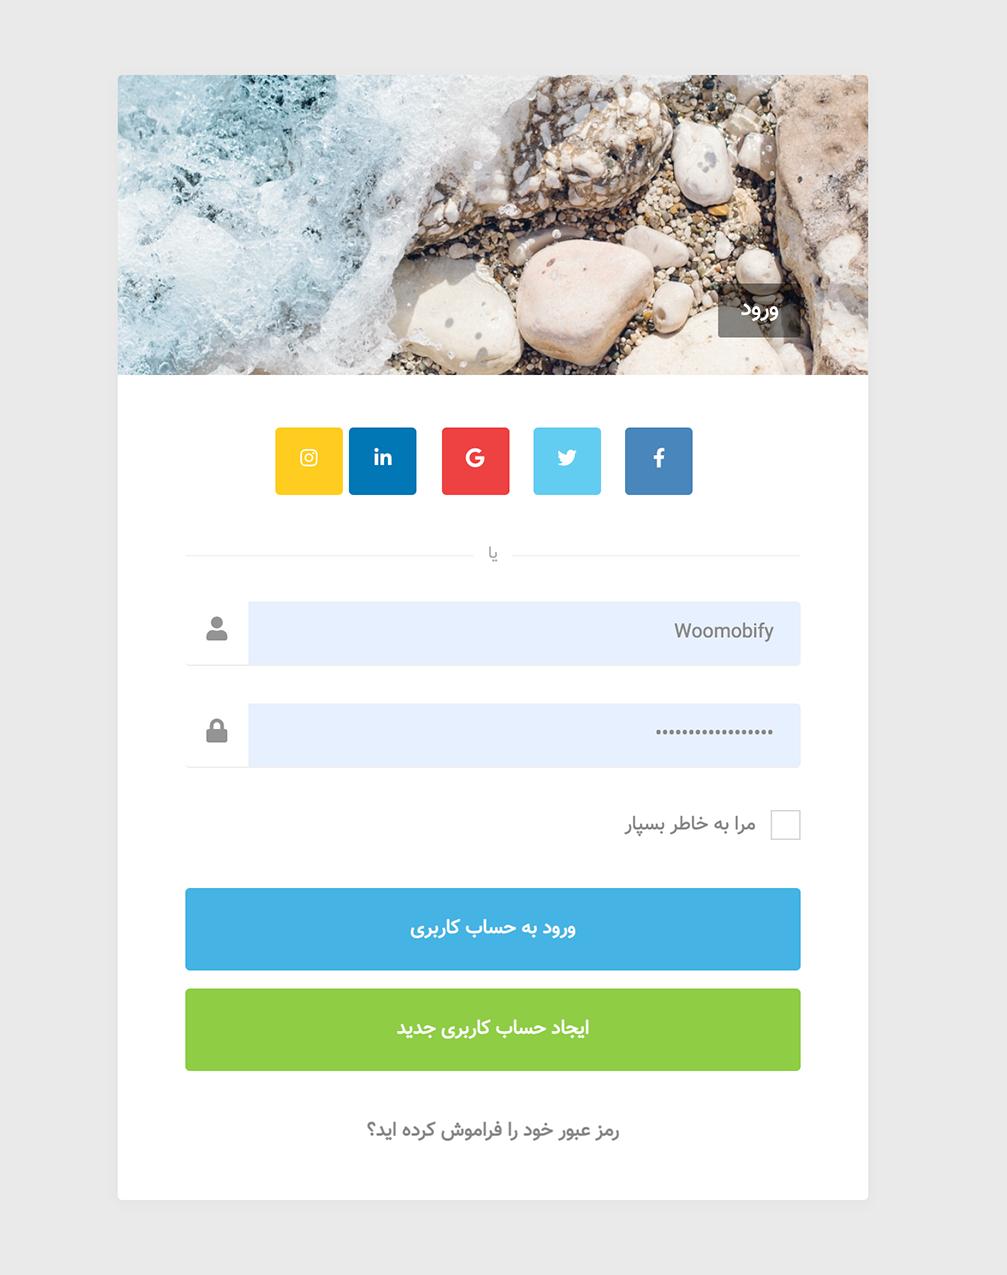 افزونه Youzify | افزونه پروفایل کاربری | افزونه پروفایل ساز Youzer | افزونه یوزی فای | افزونه ساخت پروفایل کاربری | پلاگین پروفایل وردپرس یوزر